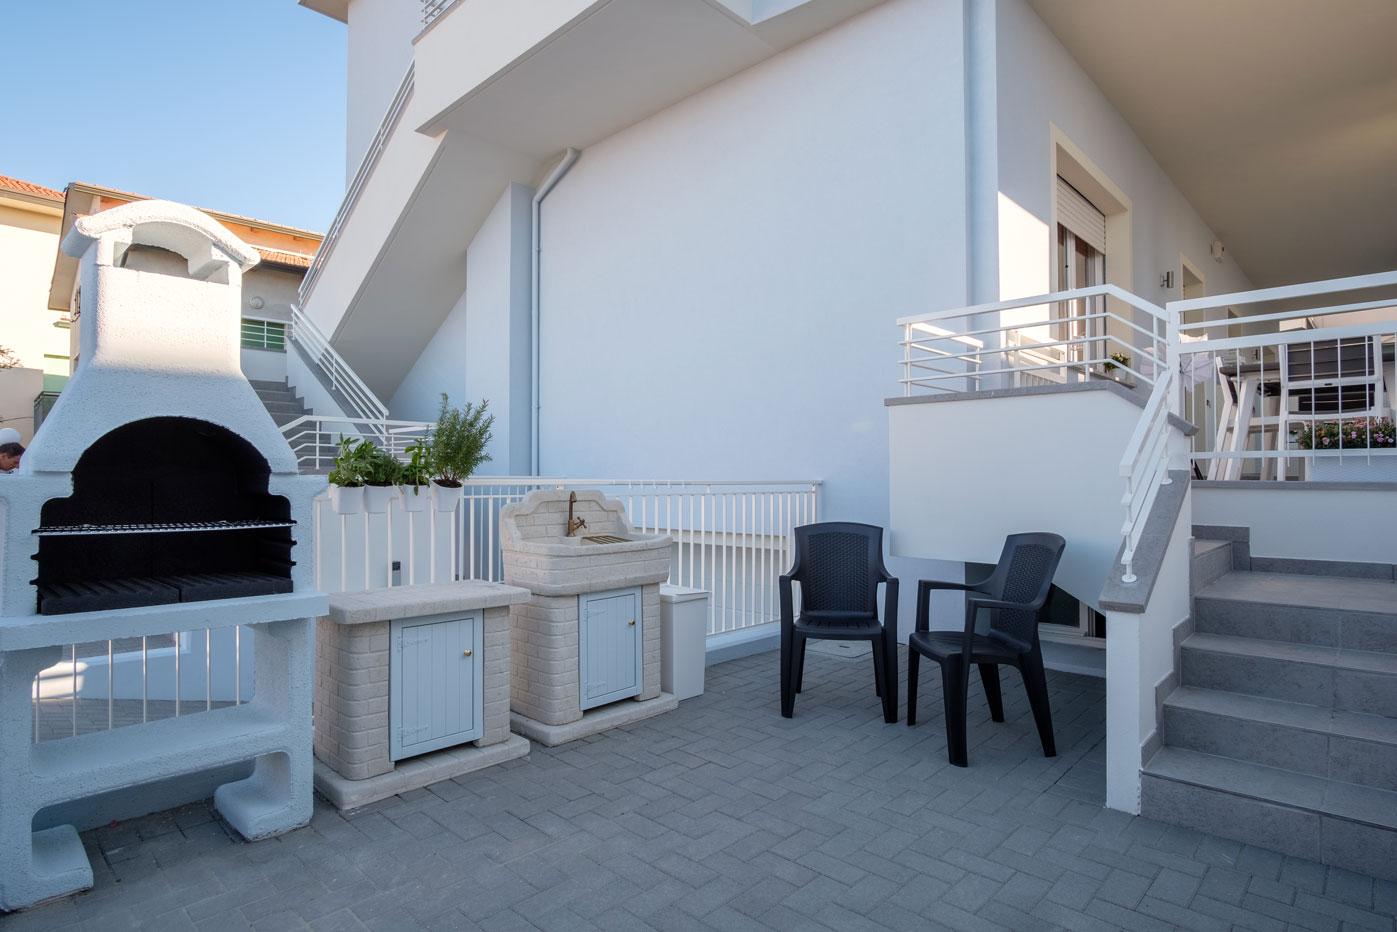 Appartamenti-San-Mauro-mare-40